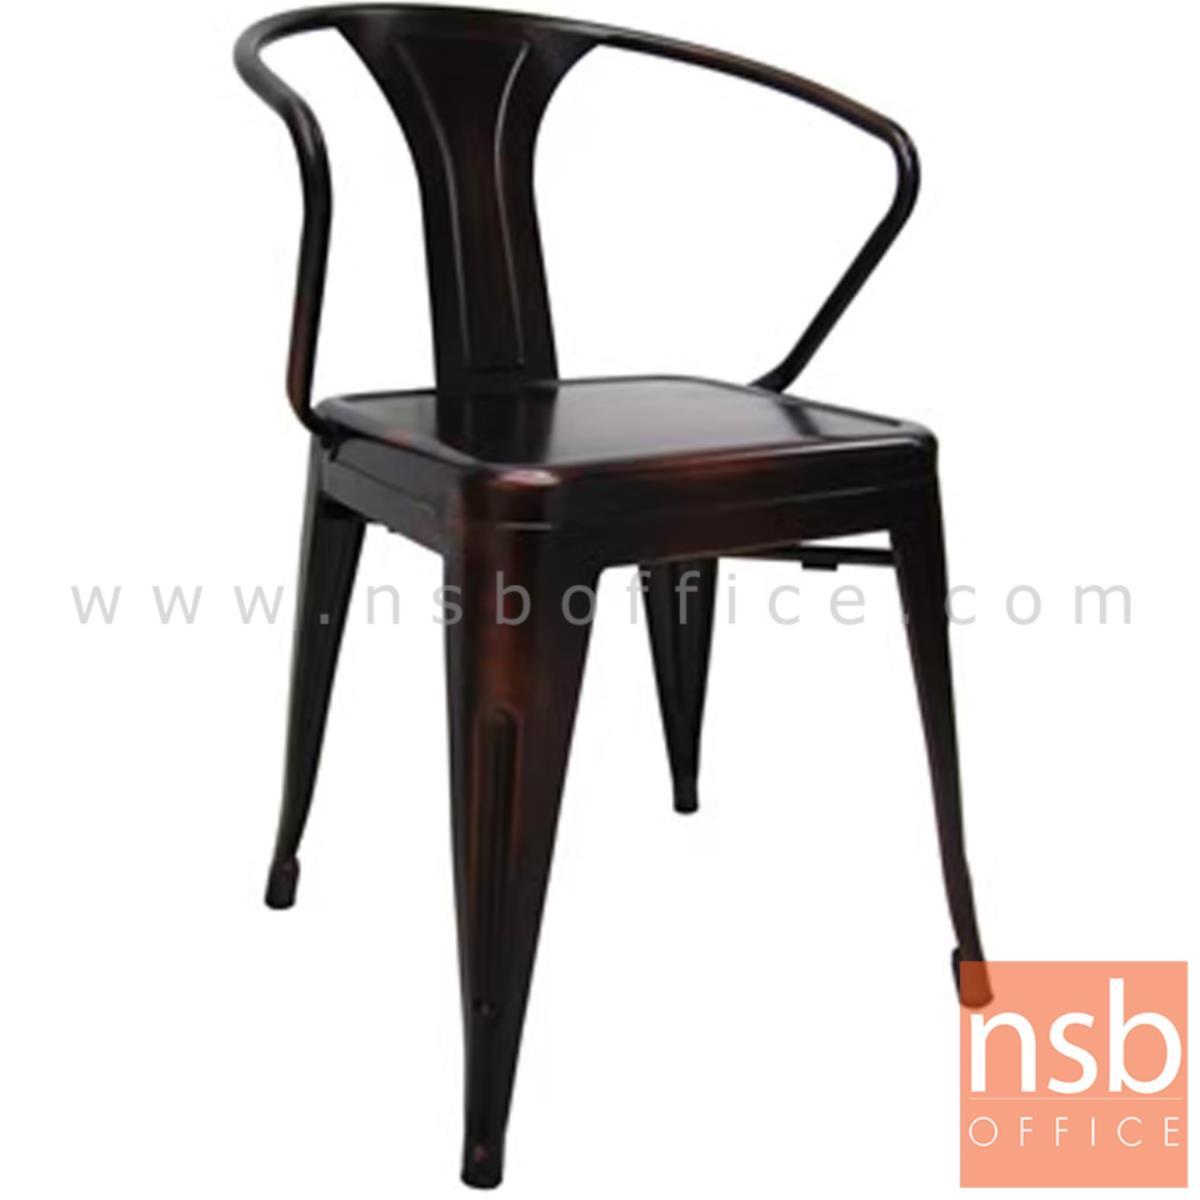 B29A320:เก้าอี้โมเดิร์นเหล็ก รุ่น Gayfeather ขนาด 51W cm. โครงขาเหล็ก